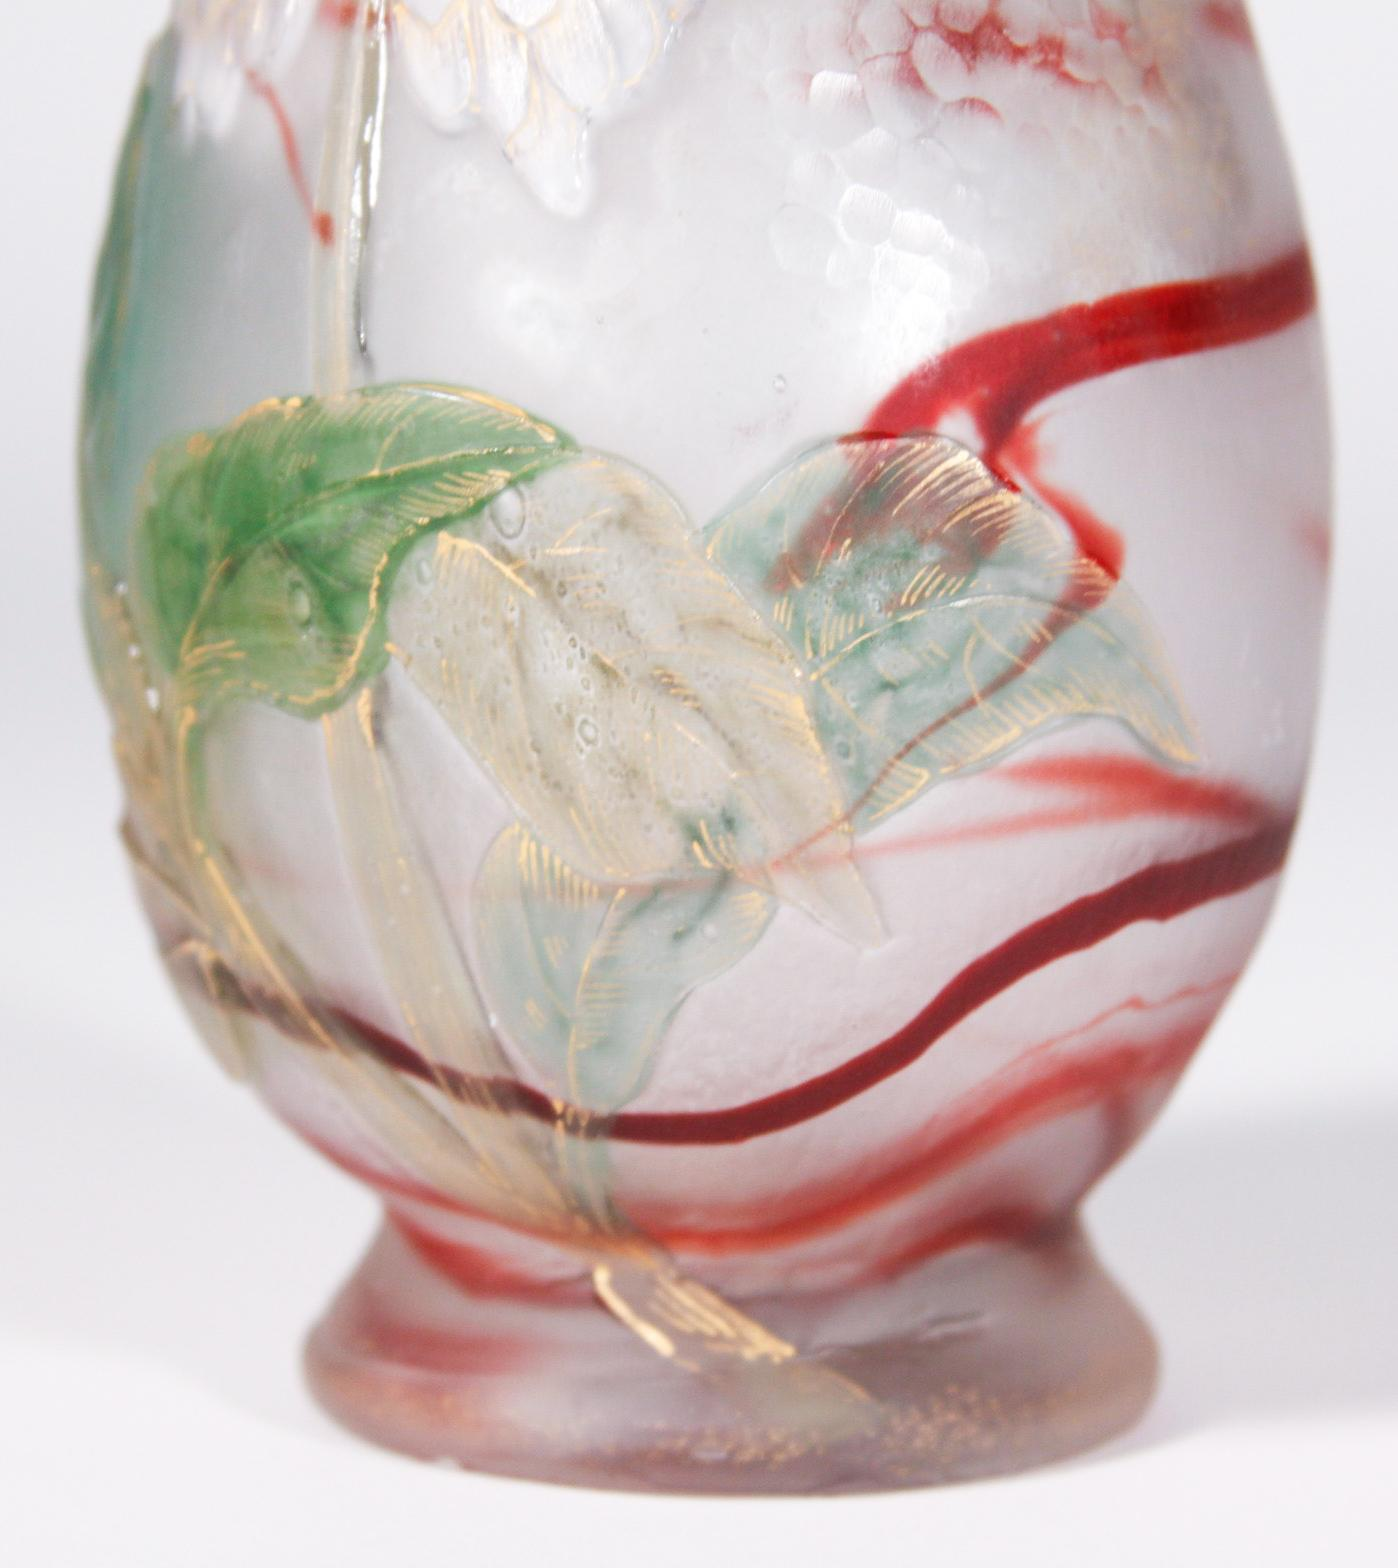 Burgun Schverer & Cie Decorated Vase with White Flowers 3